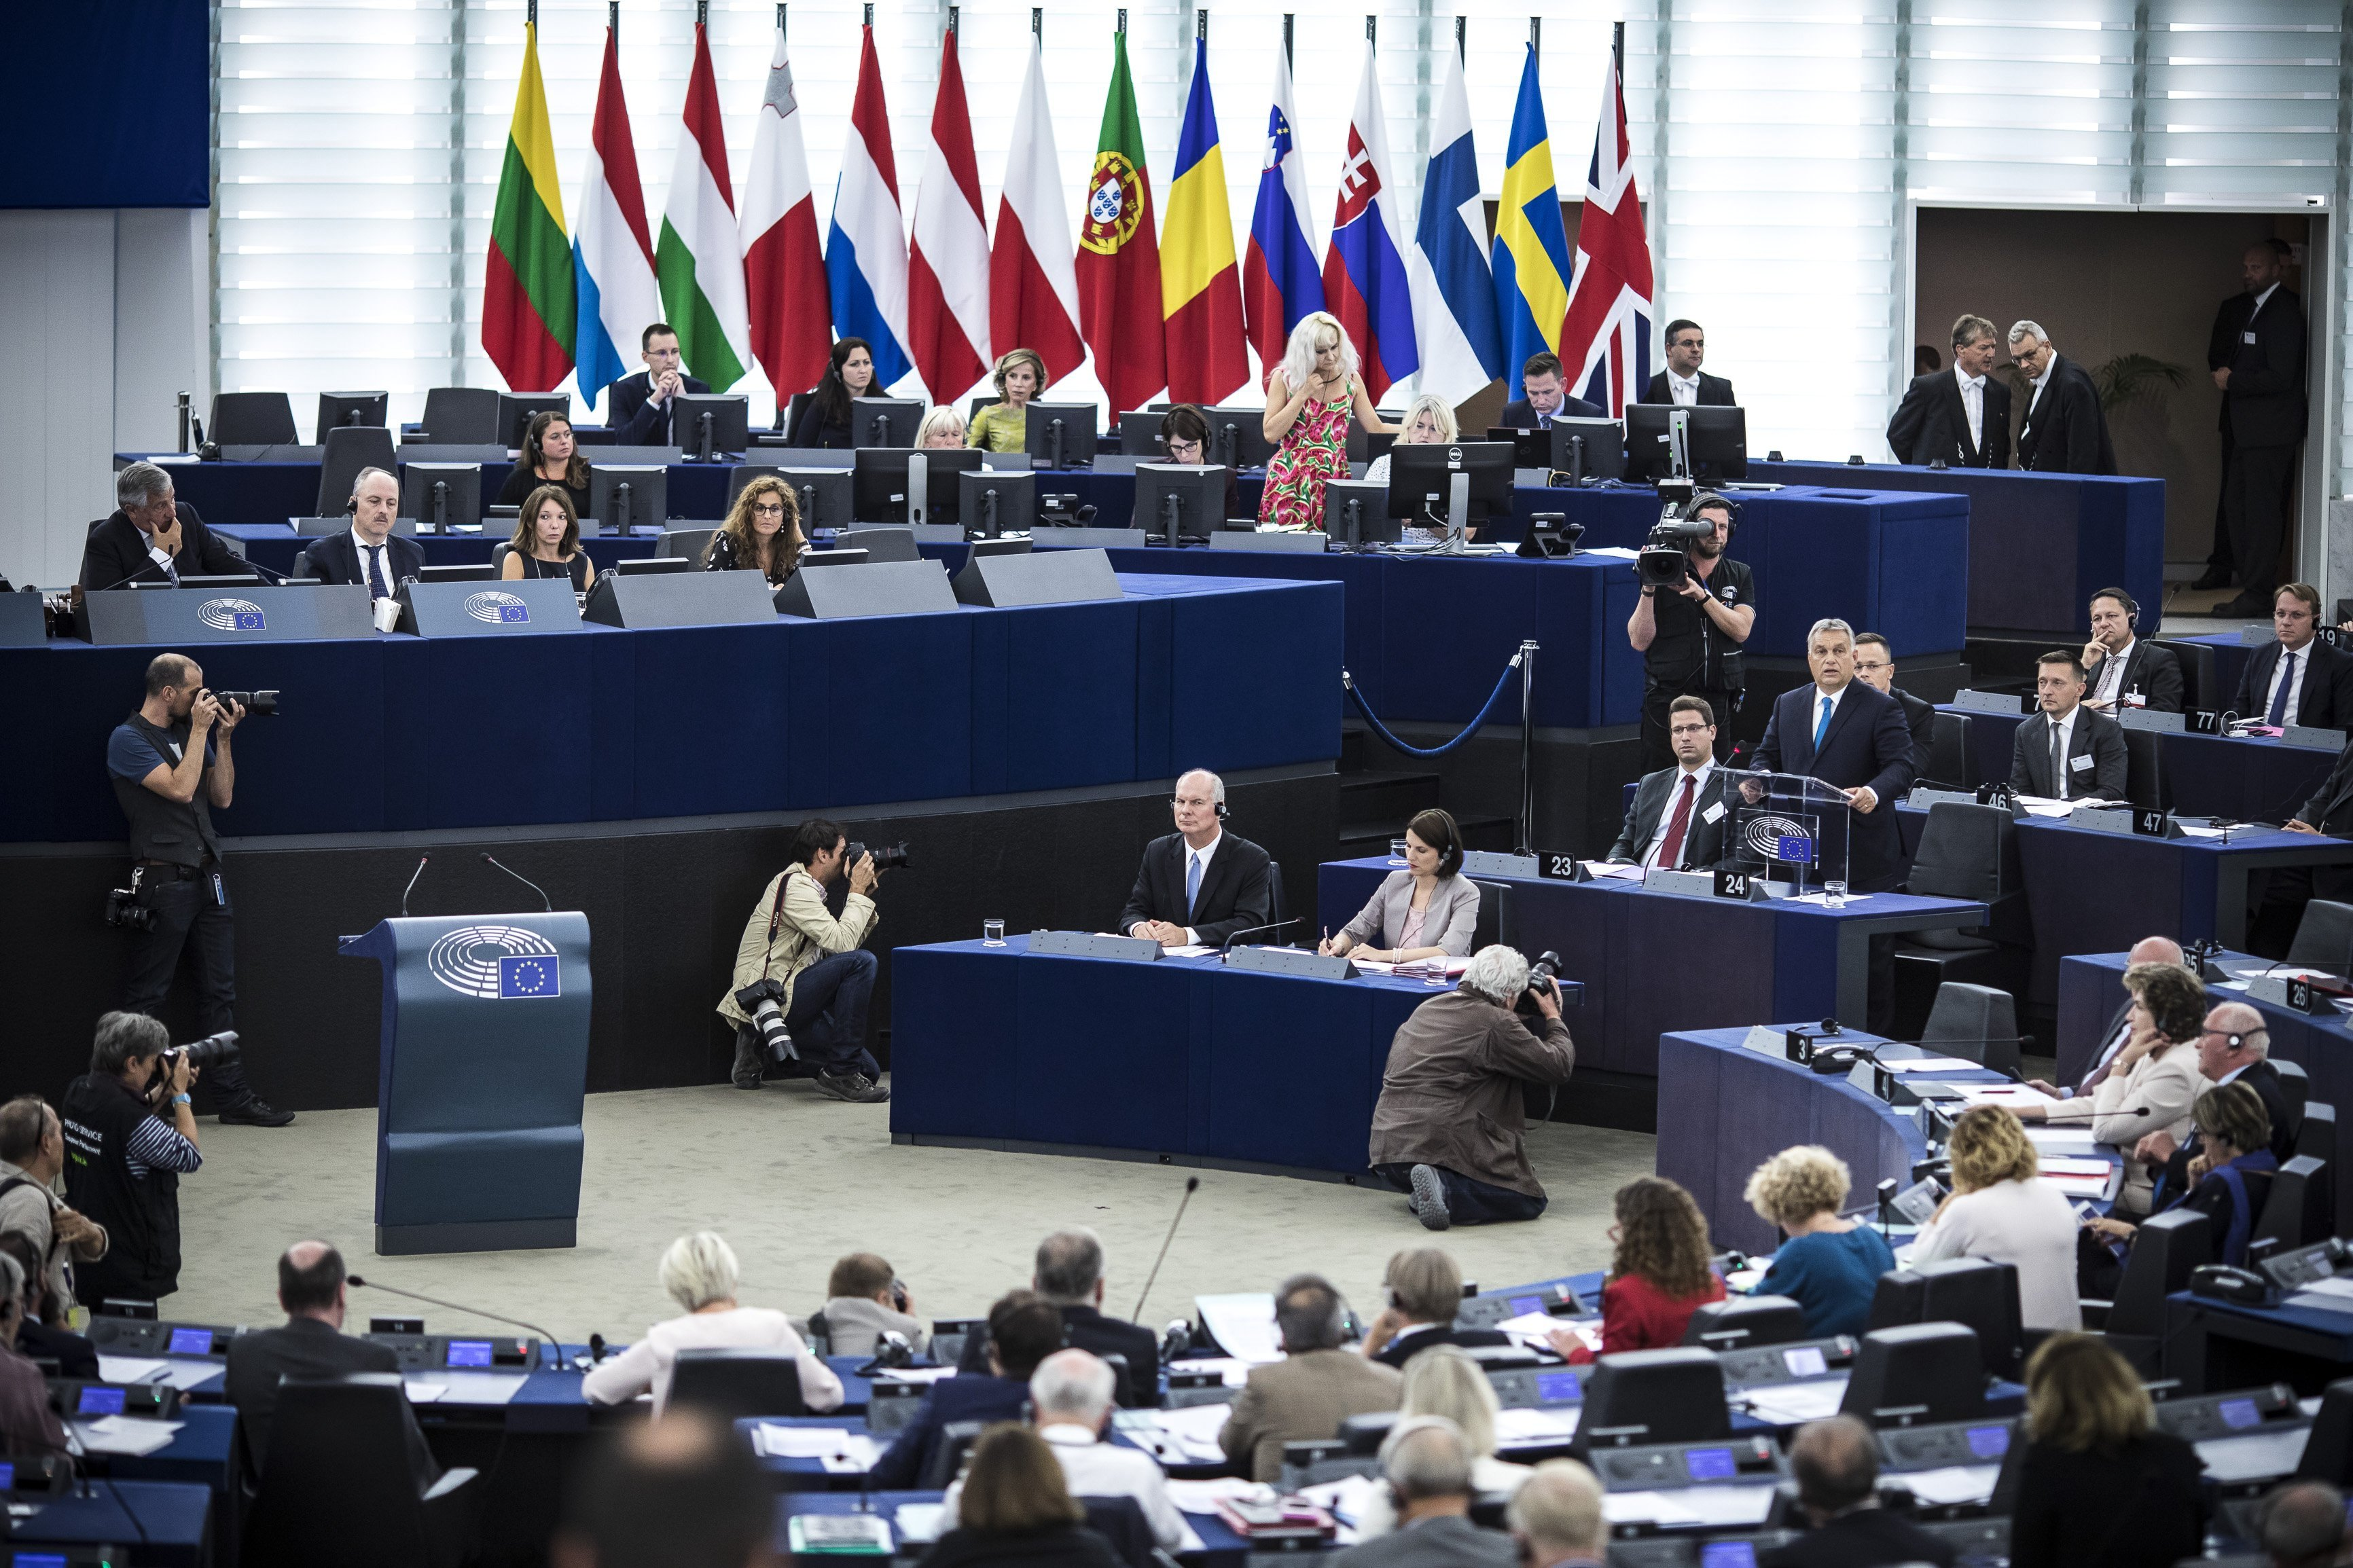 Budapost: Rechtsstaatlichkeitsmechanismus - Europaparlament fordert Maßnahmen gegen Budapest